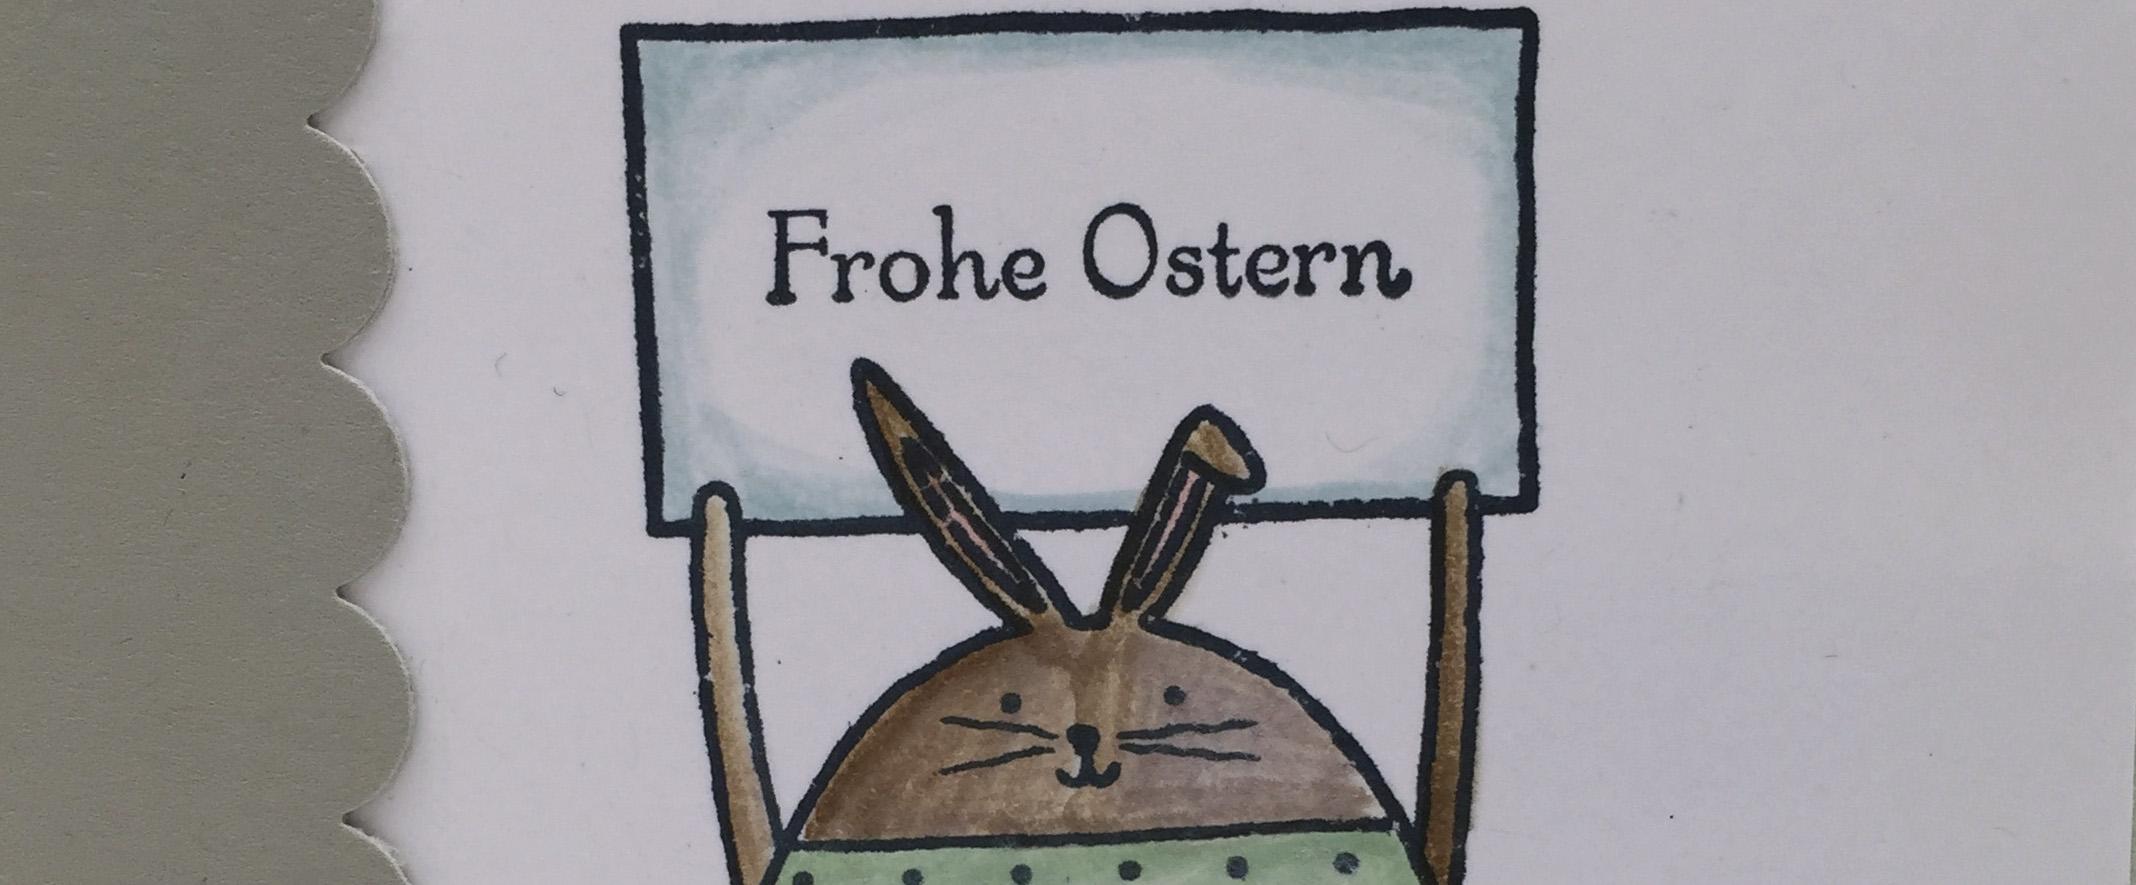 Videoanleitung für die Oster-Schachtel